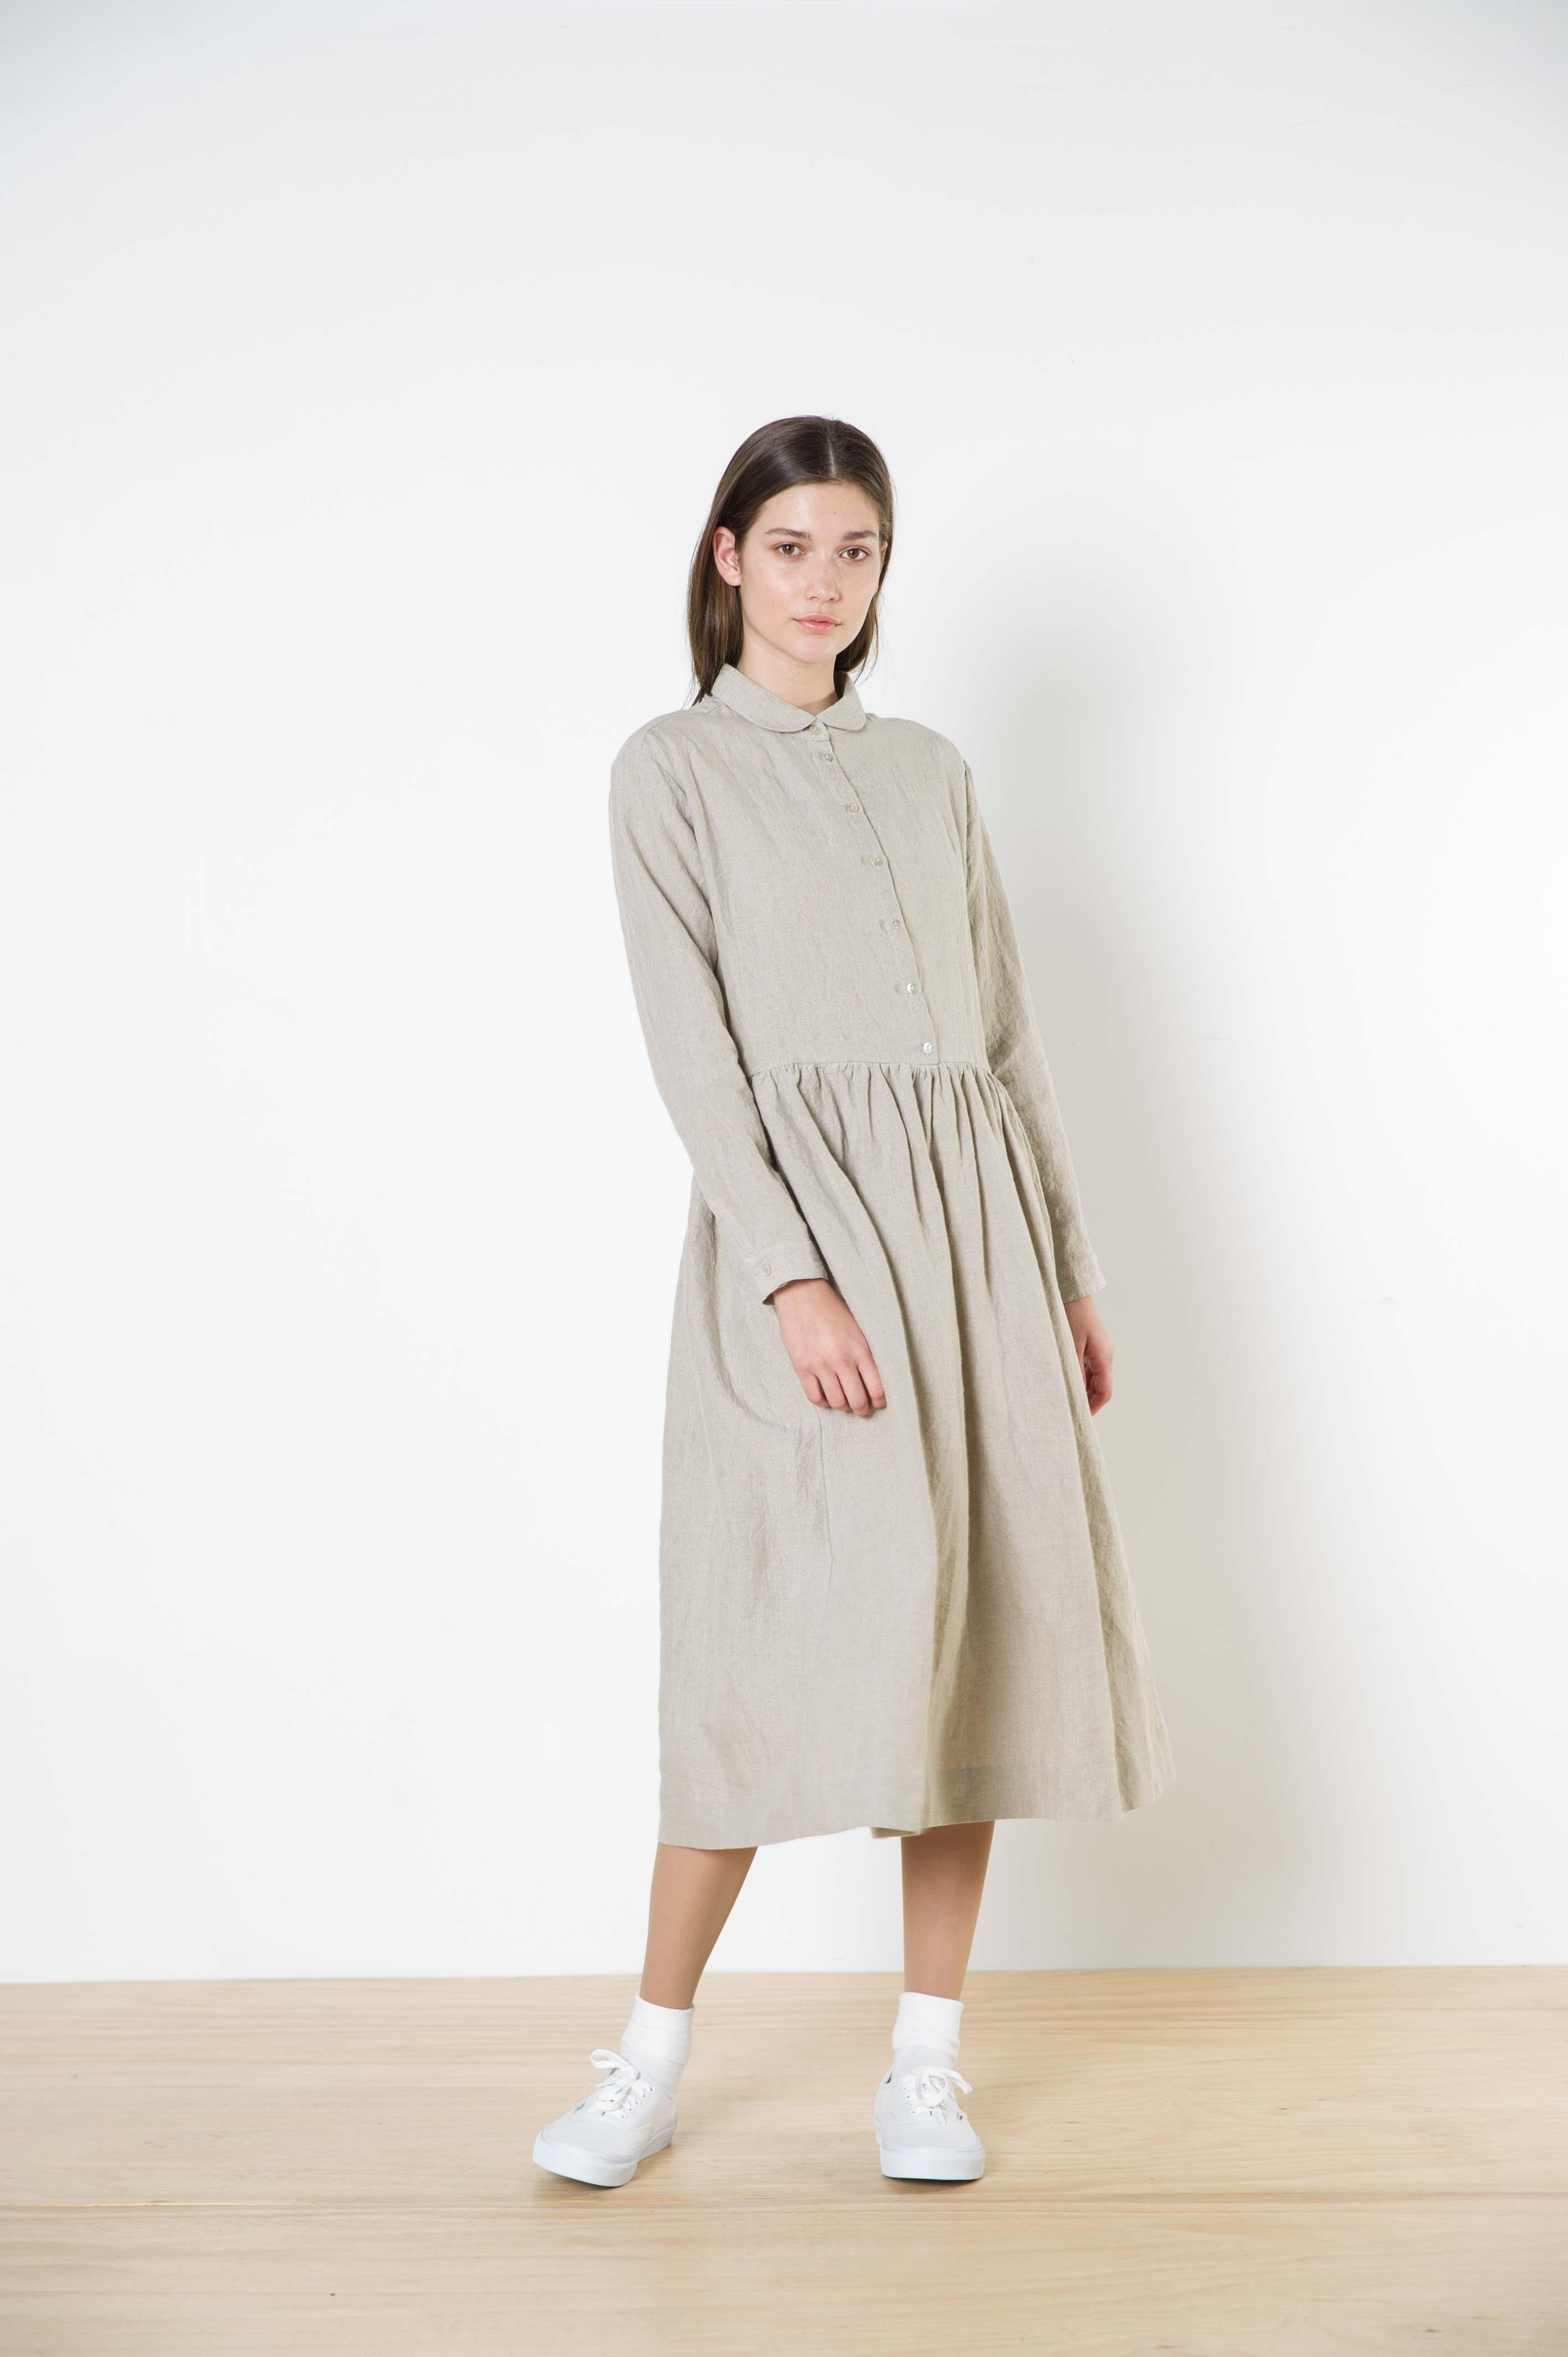 31 woolf dress